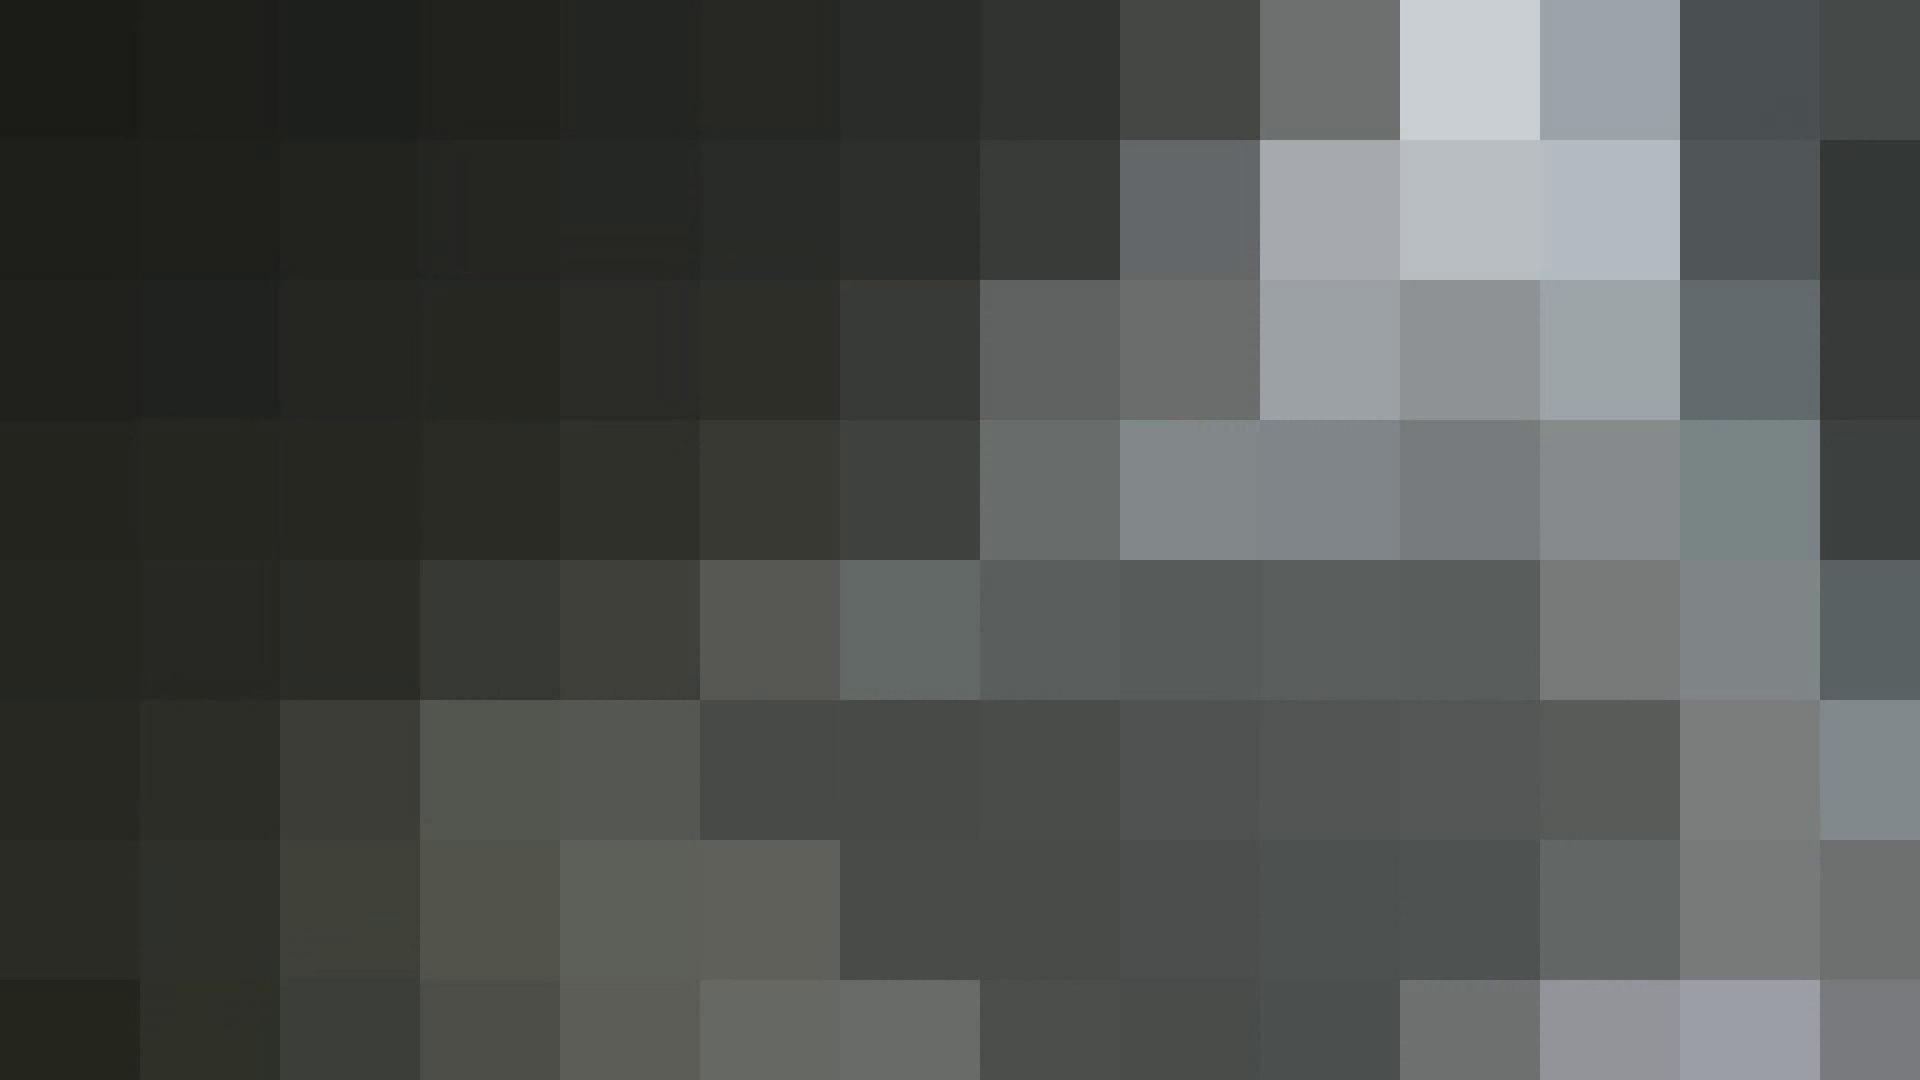 【美しき個室な世界】 vol.021 めがねっこ 洗面所のぞき  97枚 51